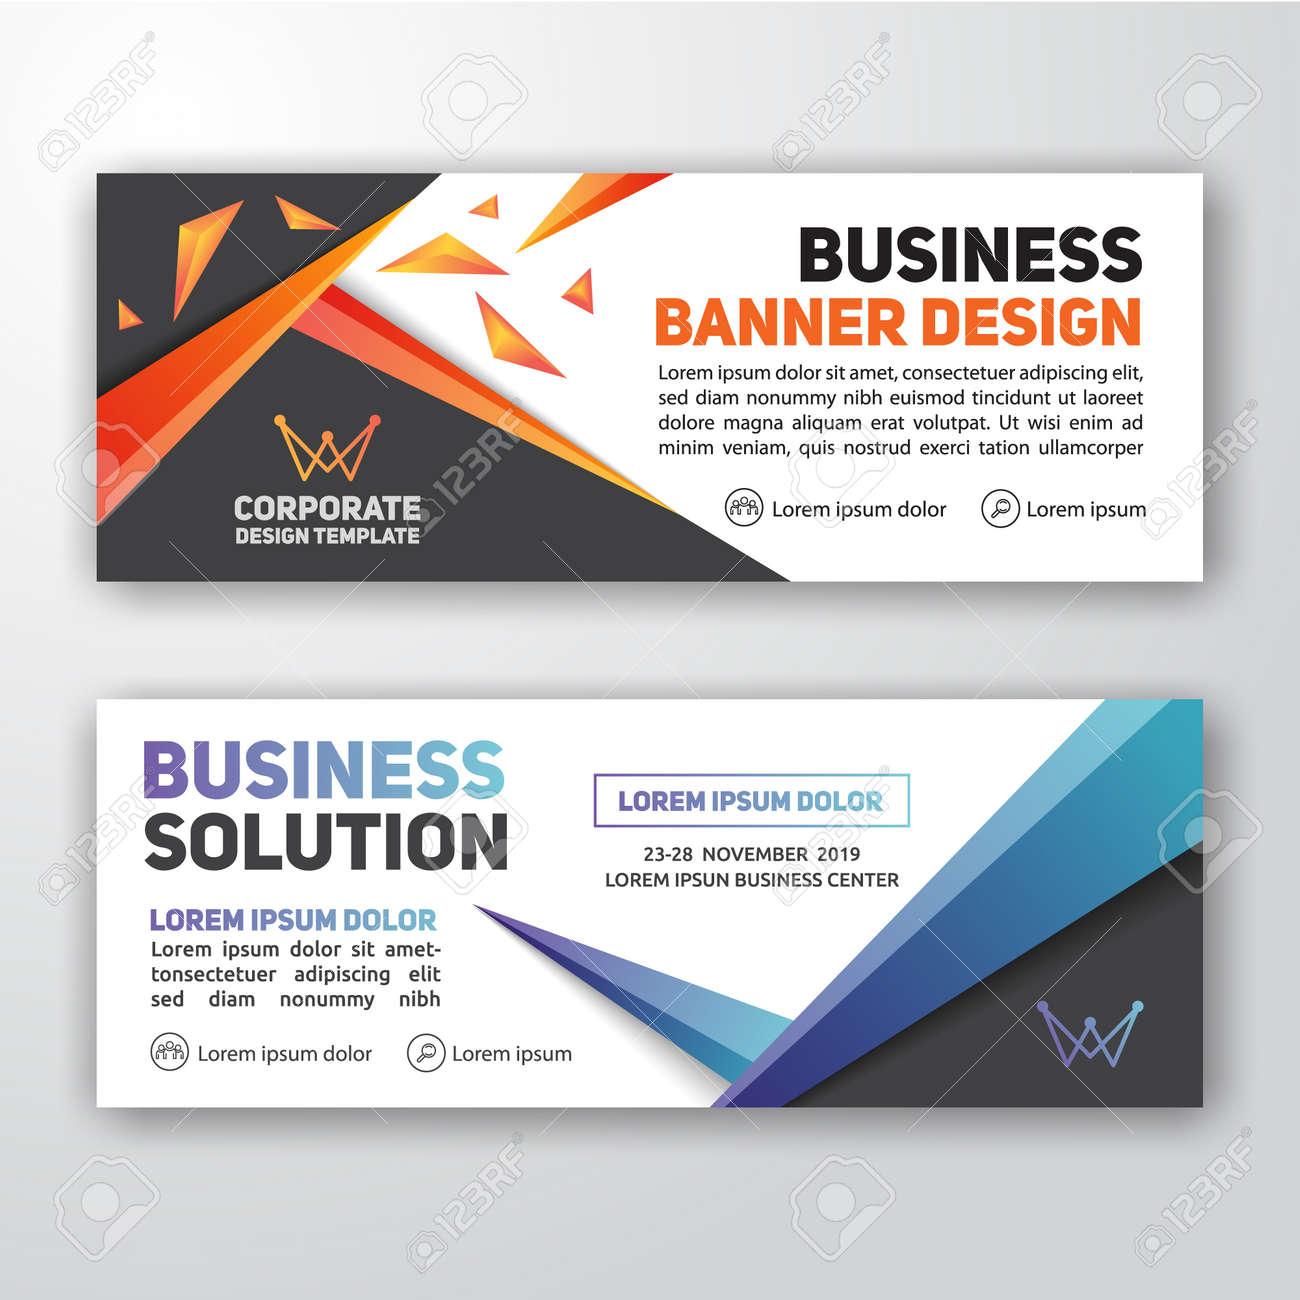 modern corporate banner background design for letterhead document